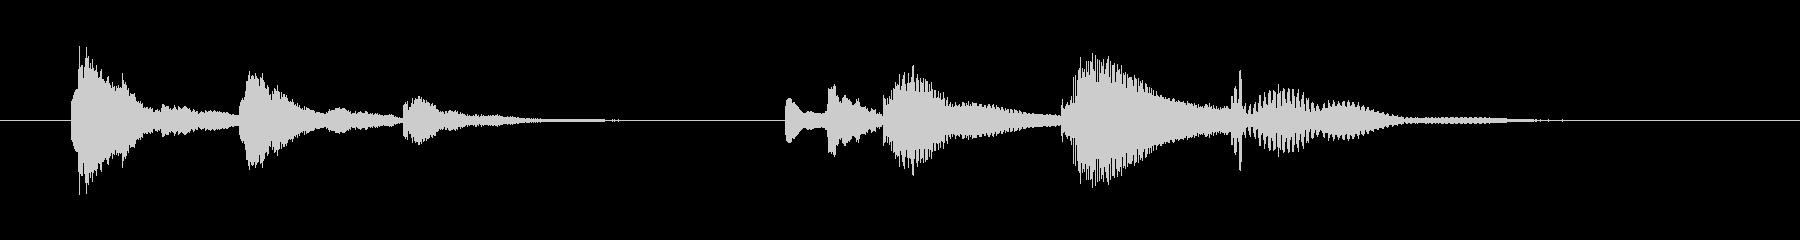 マリンバを使った短いジングルの未再生の波形